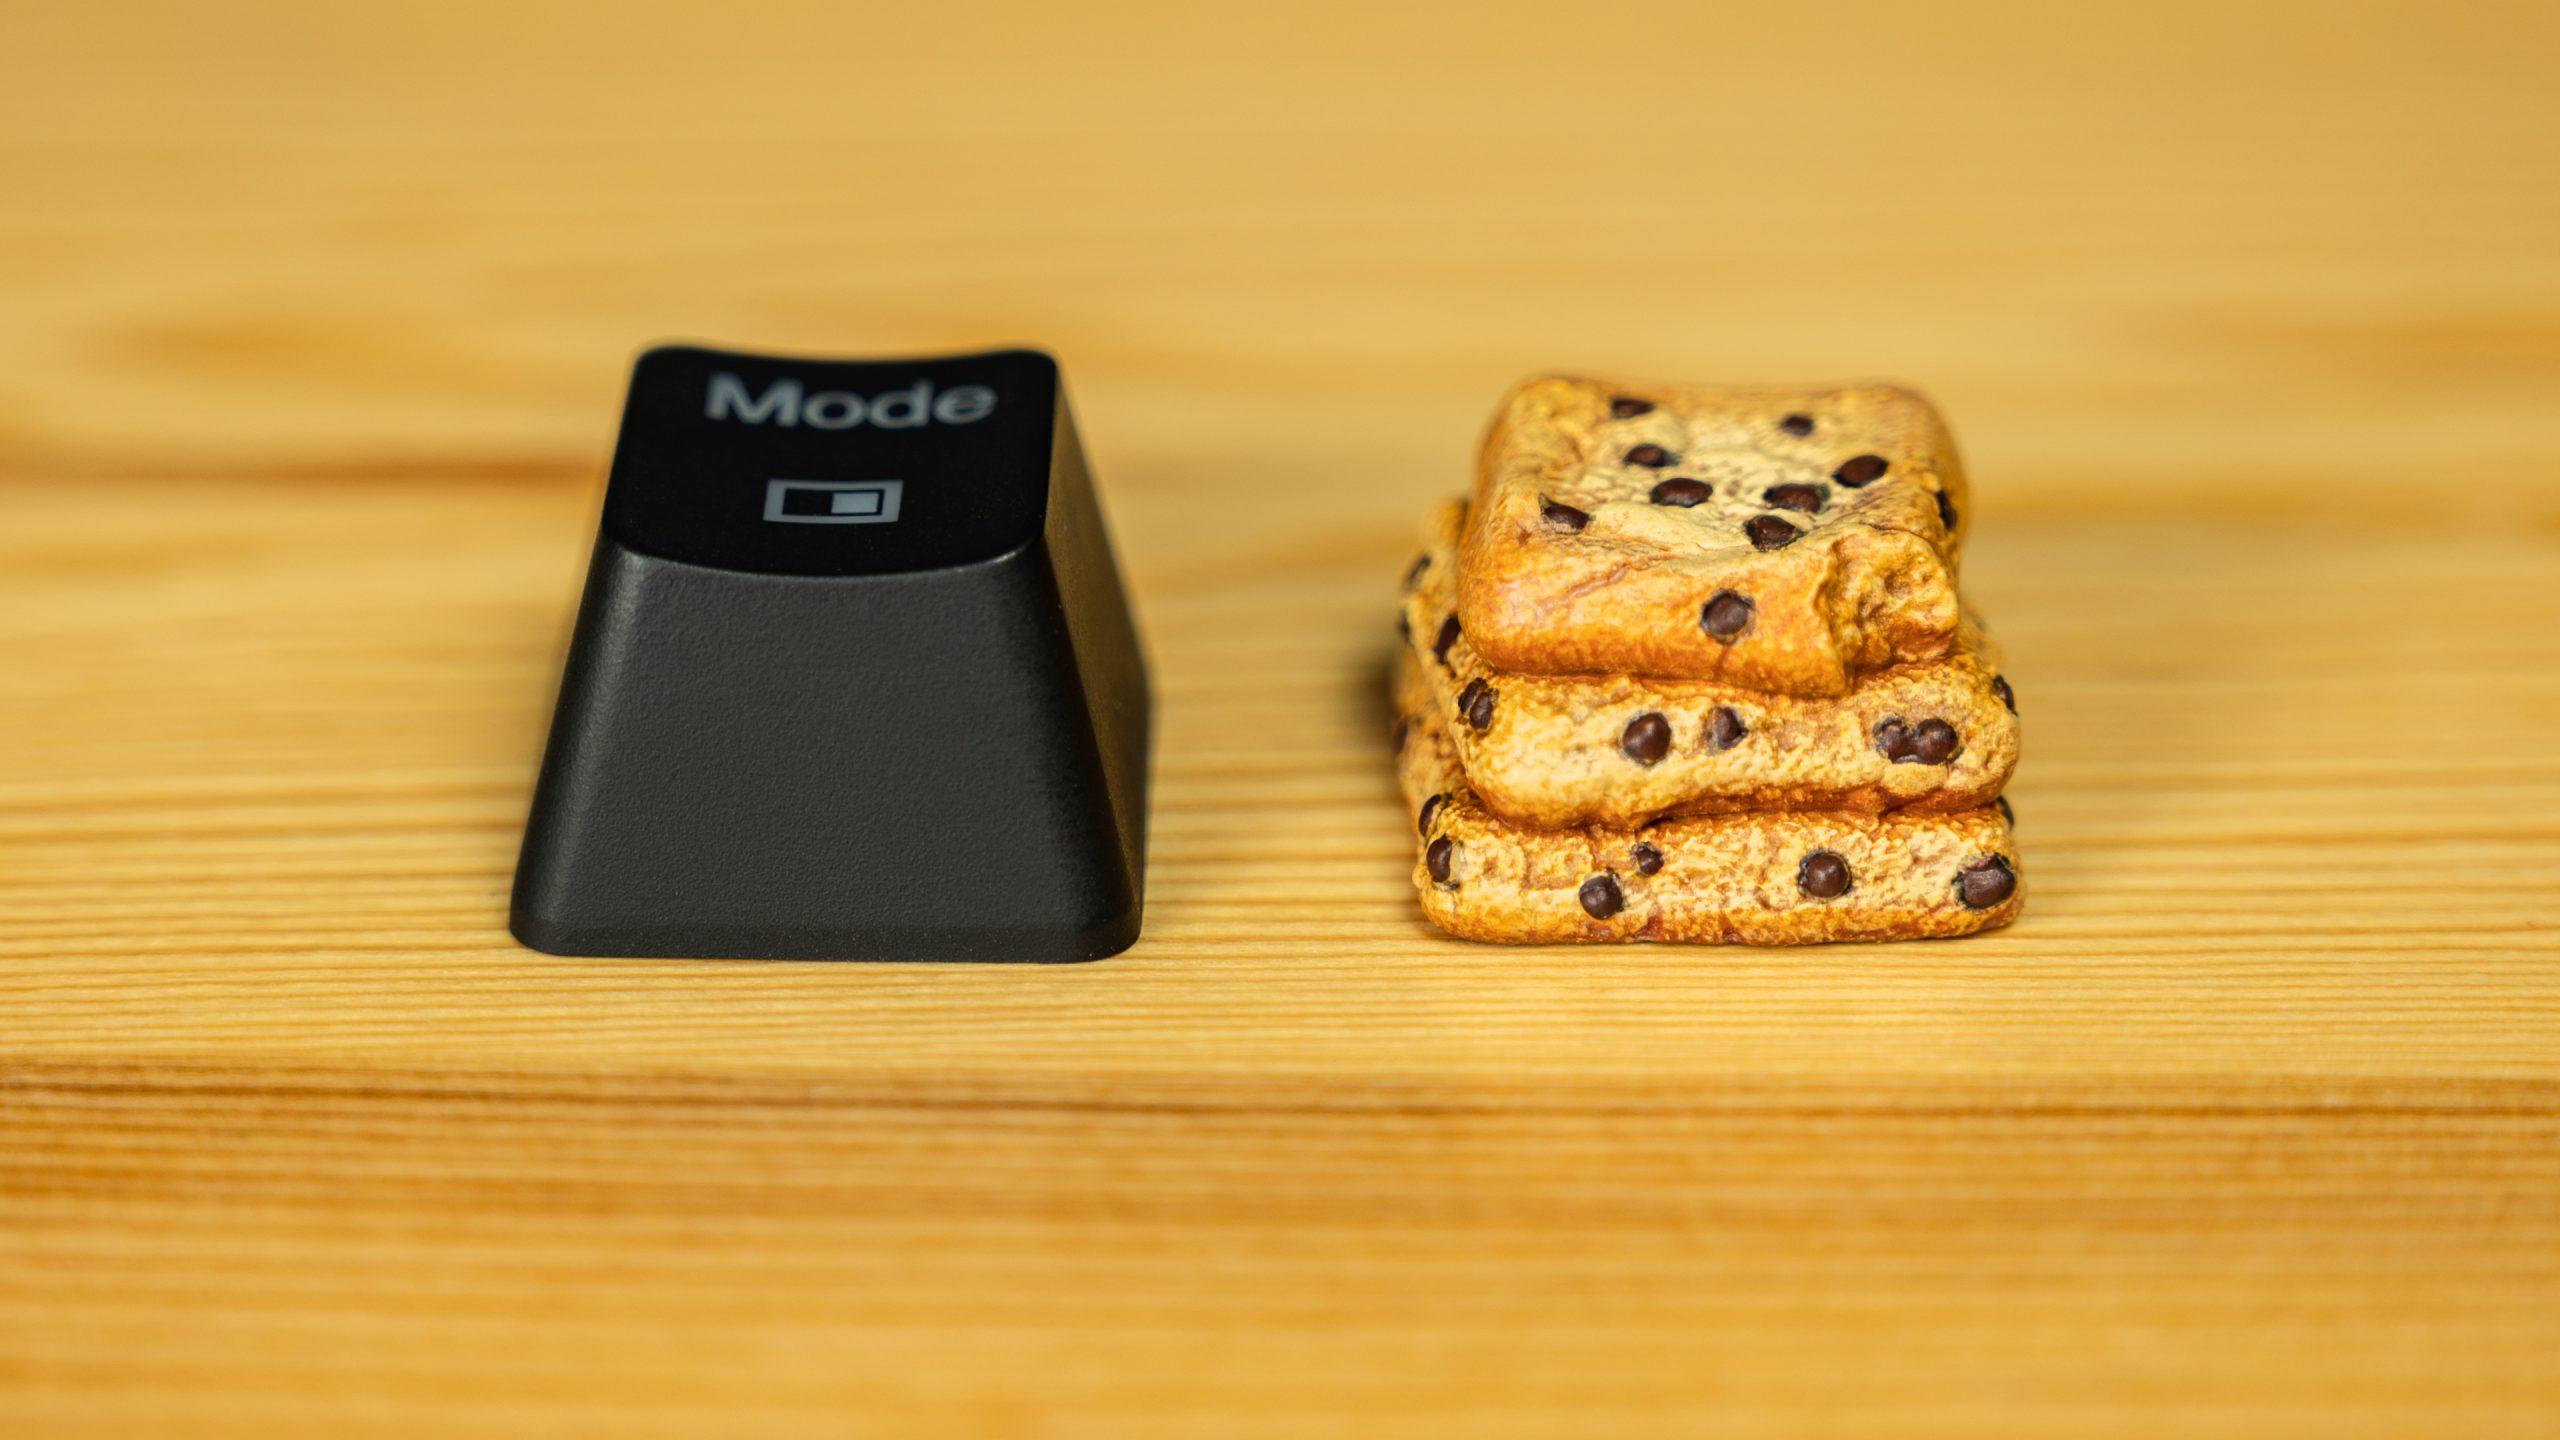 Vergelijkingsfoto tussen een reguliere OEM-profiel keycap (links) tegenover de Chippy Cookies-keycap van Dwarf Factory.